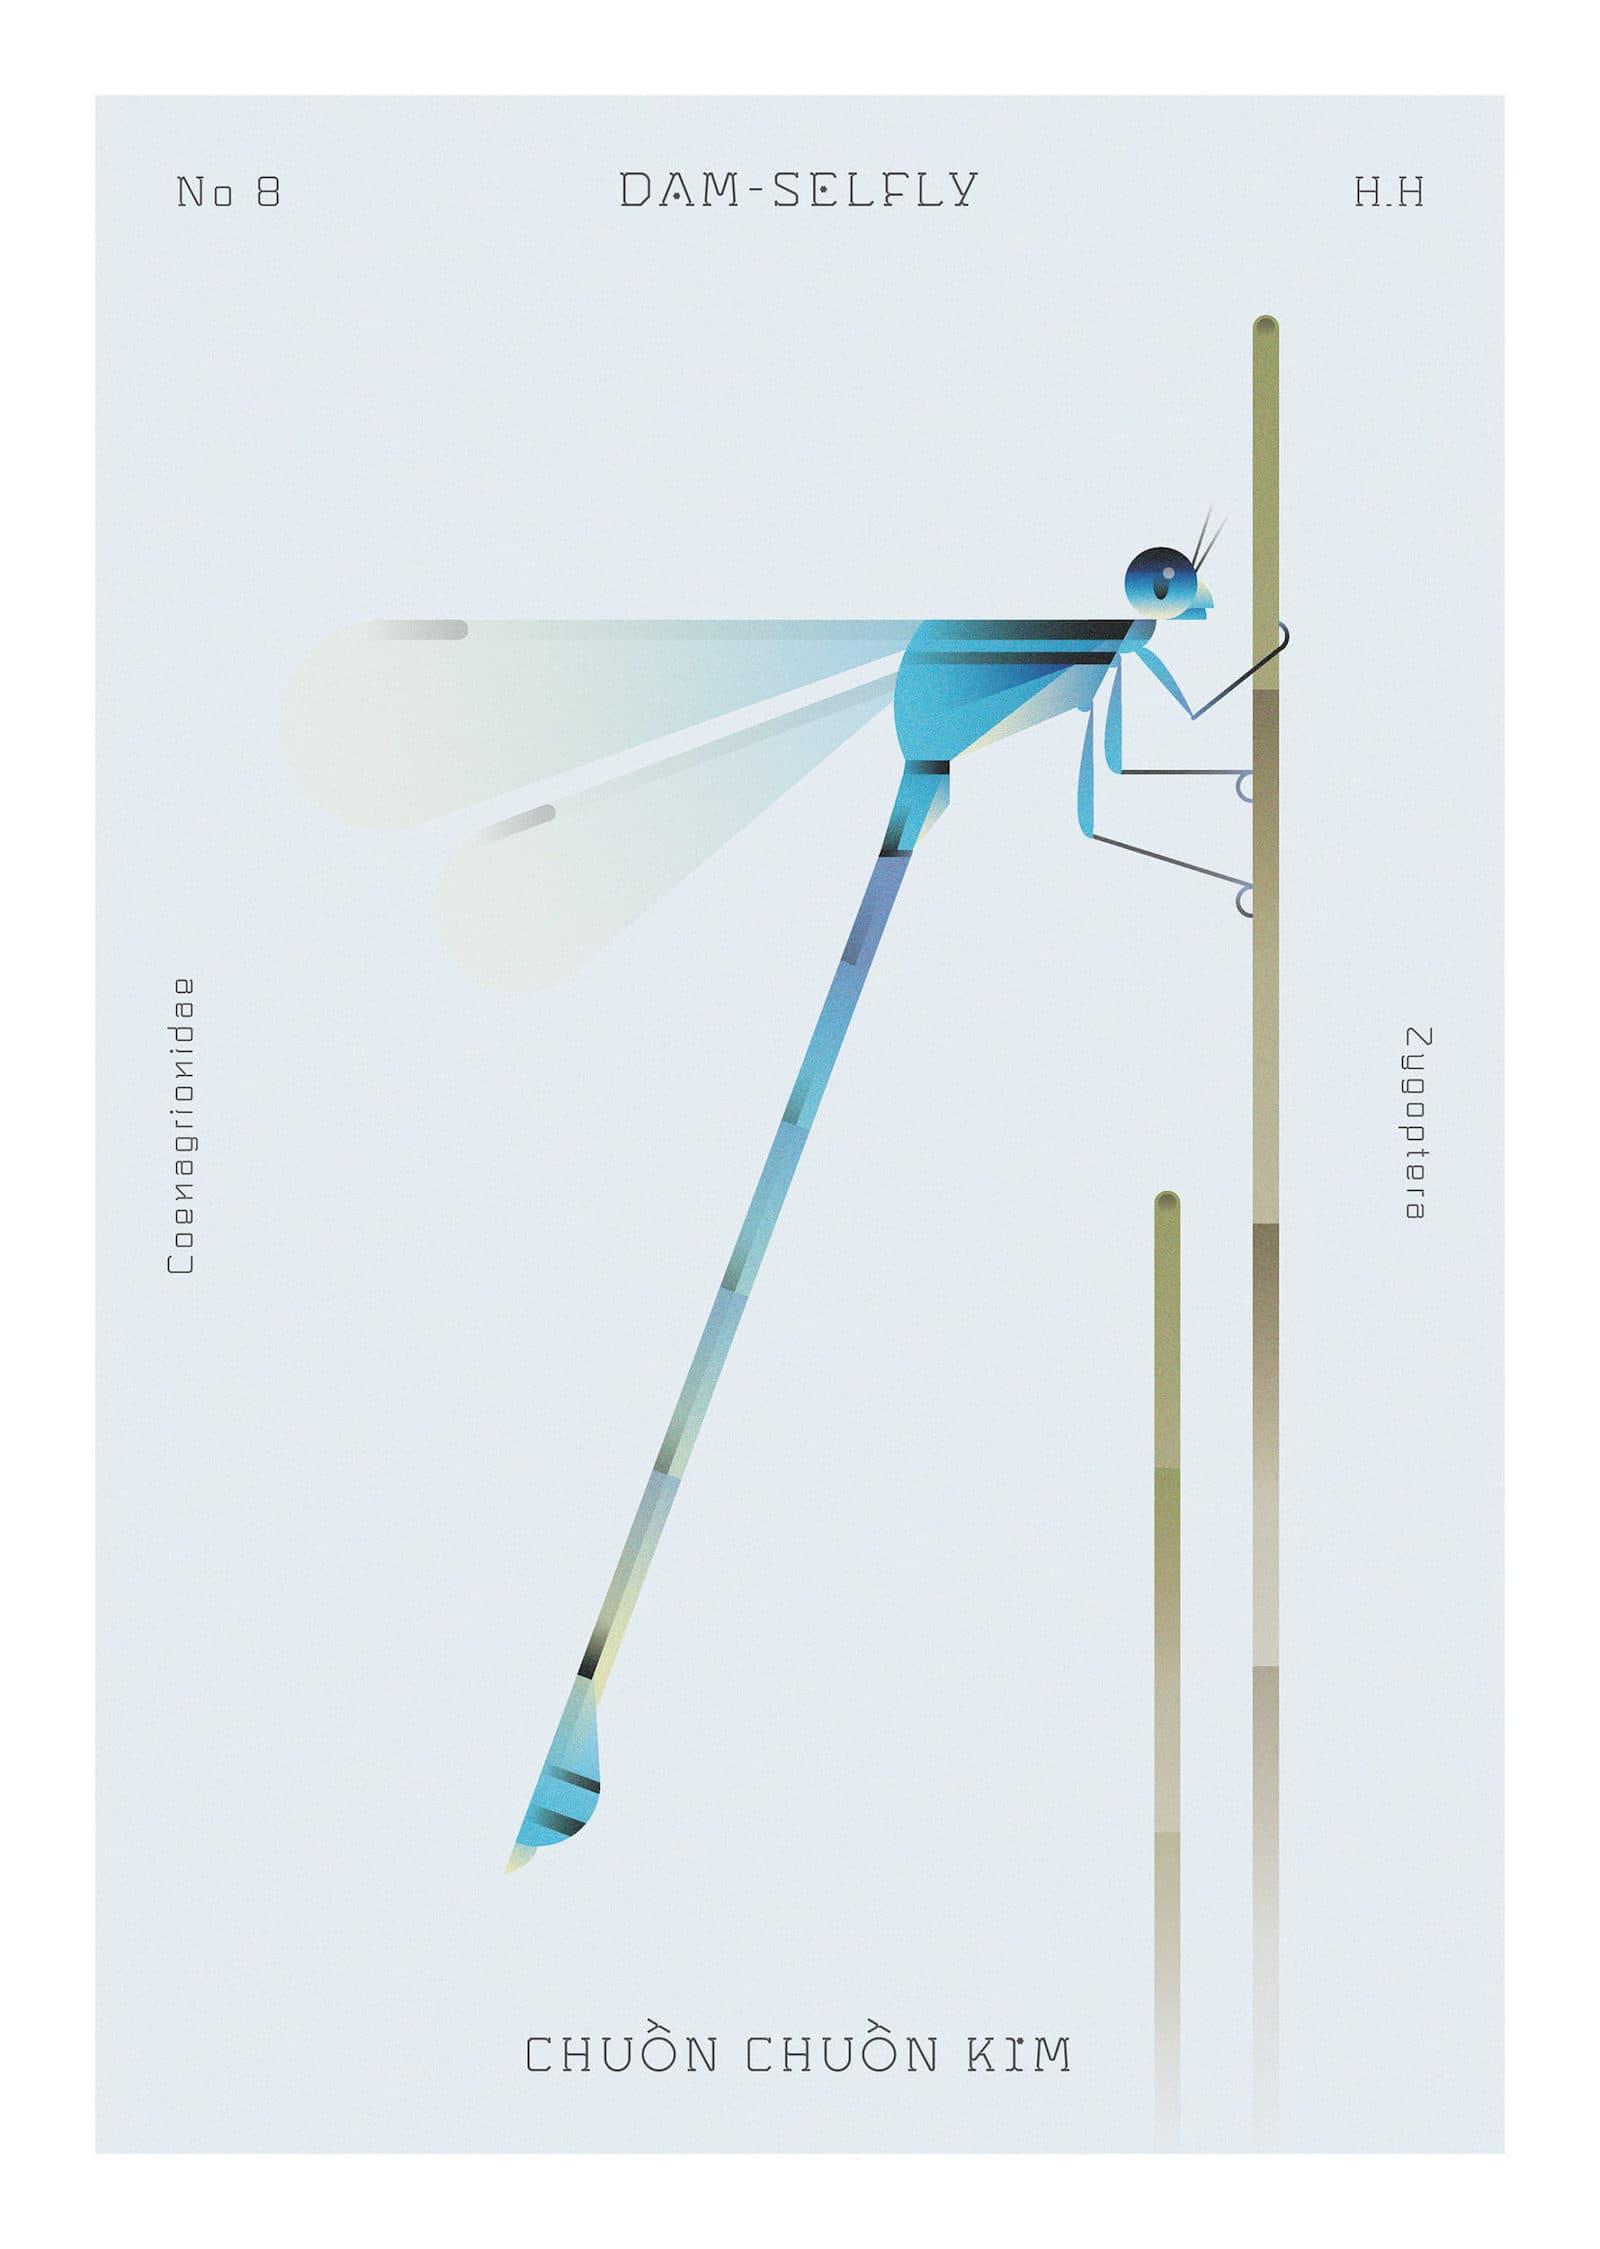 Hoang Hoang - Insect World Collection